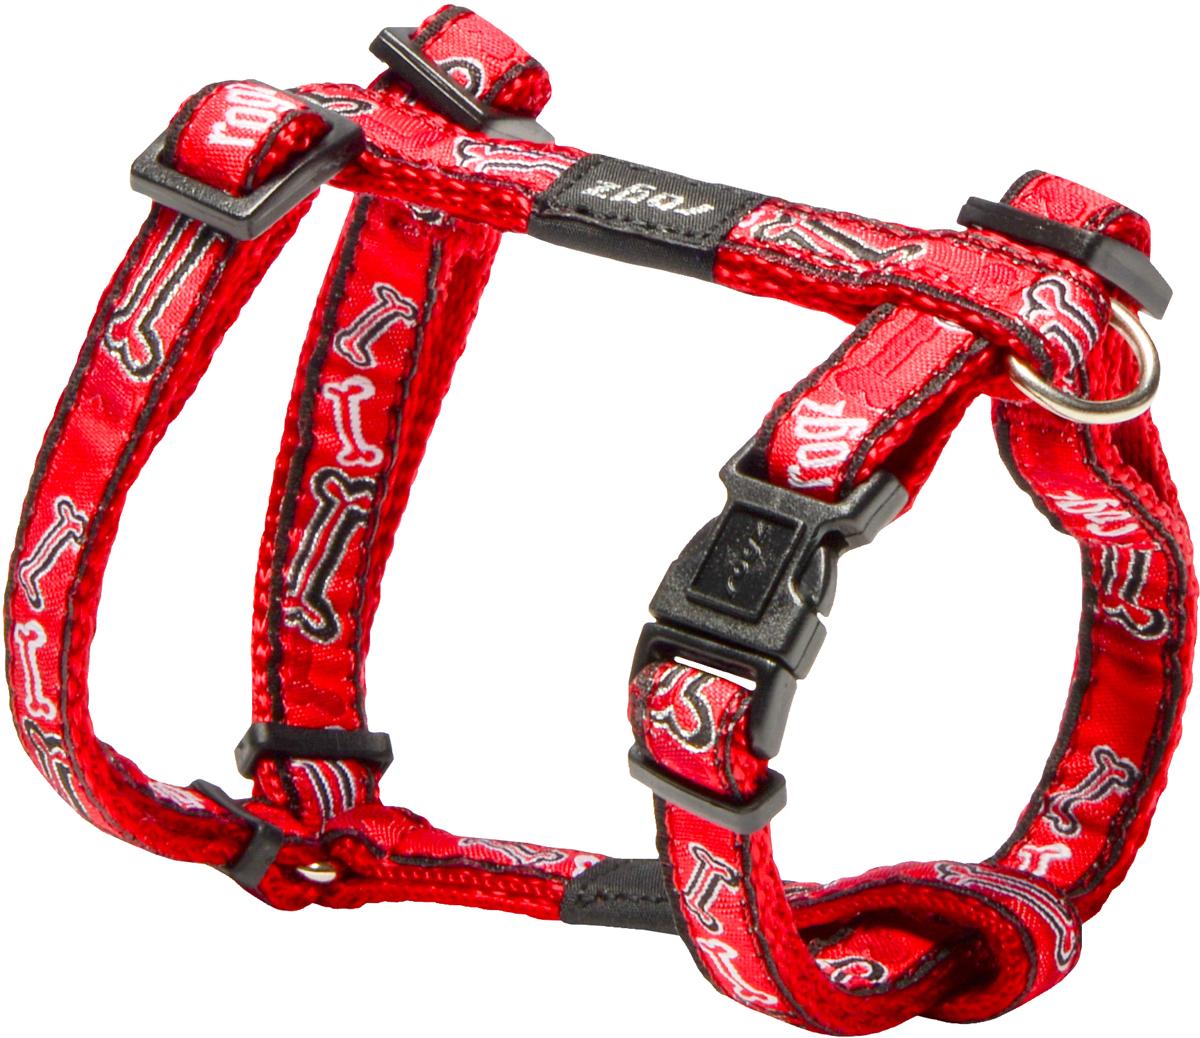 Шлейка для собак Rogz Fancy Dress, цвет: красный, ширина 1,1 смSJ01CCШлейка для собак Rogz Fancy Dress имеет необычный дизайн. Широкая гамма потрясающе красивых орнаментов на прочной тесьме поверх нейлоновой ленты украсит вашего питомца.Застегивается, не доставляя неудобство собаке.Специальная конструкция пряжки Rog Loc - очень крепкая(система Fort Knox). Замок может быть расстегнут только рукой человека.С помощью системы ремней изделие подгоняется под животного индивидуально.Необыкновенно крепкая и прочная шлейка.Выполненные по заказу литые кольца выдерживают значительные физические нагрузки и имеют хромирование, нанесенное гальваническим способом, что позволяет избежать коррозии и потускнения изделия.Легко можно прикрепить к ошейнику и поводку.